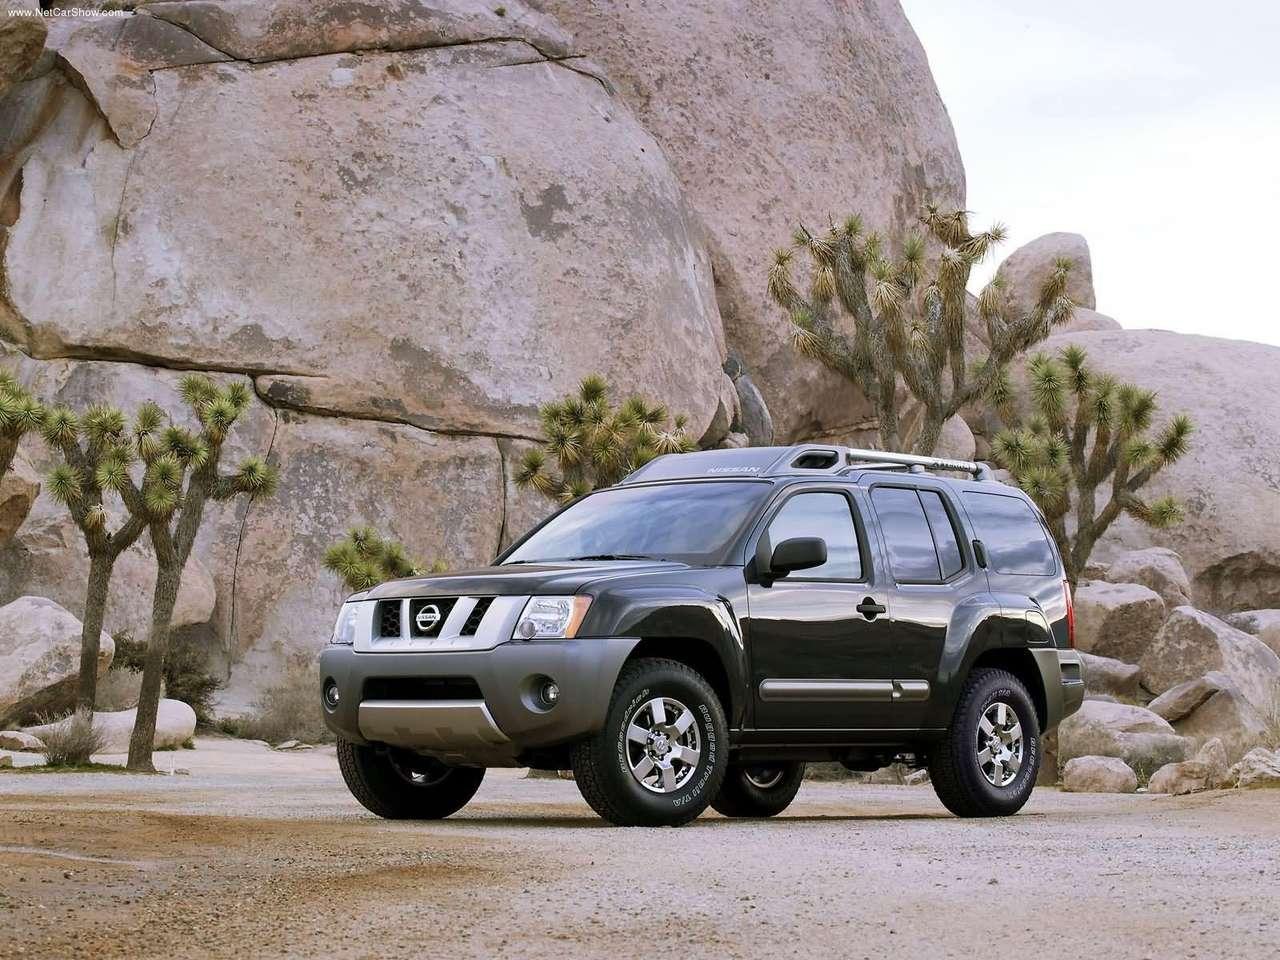 http://3.bp.blogspot.com/-kD3TAVuZi3c/TXVTJUF6ZoI/AAAAAAAAEF8/9dTUac0c_HI/s1600/Nissan-Xterra_2005_1280x960_wallpaper_02.jpg